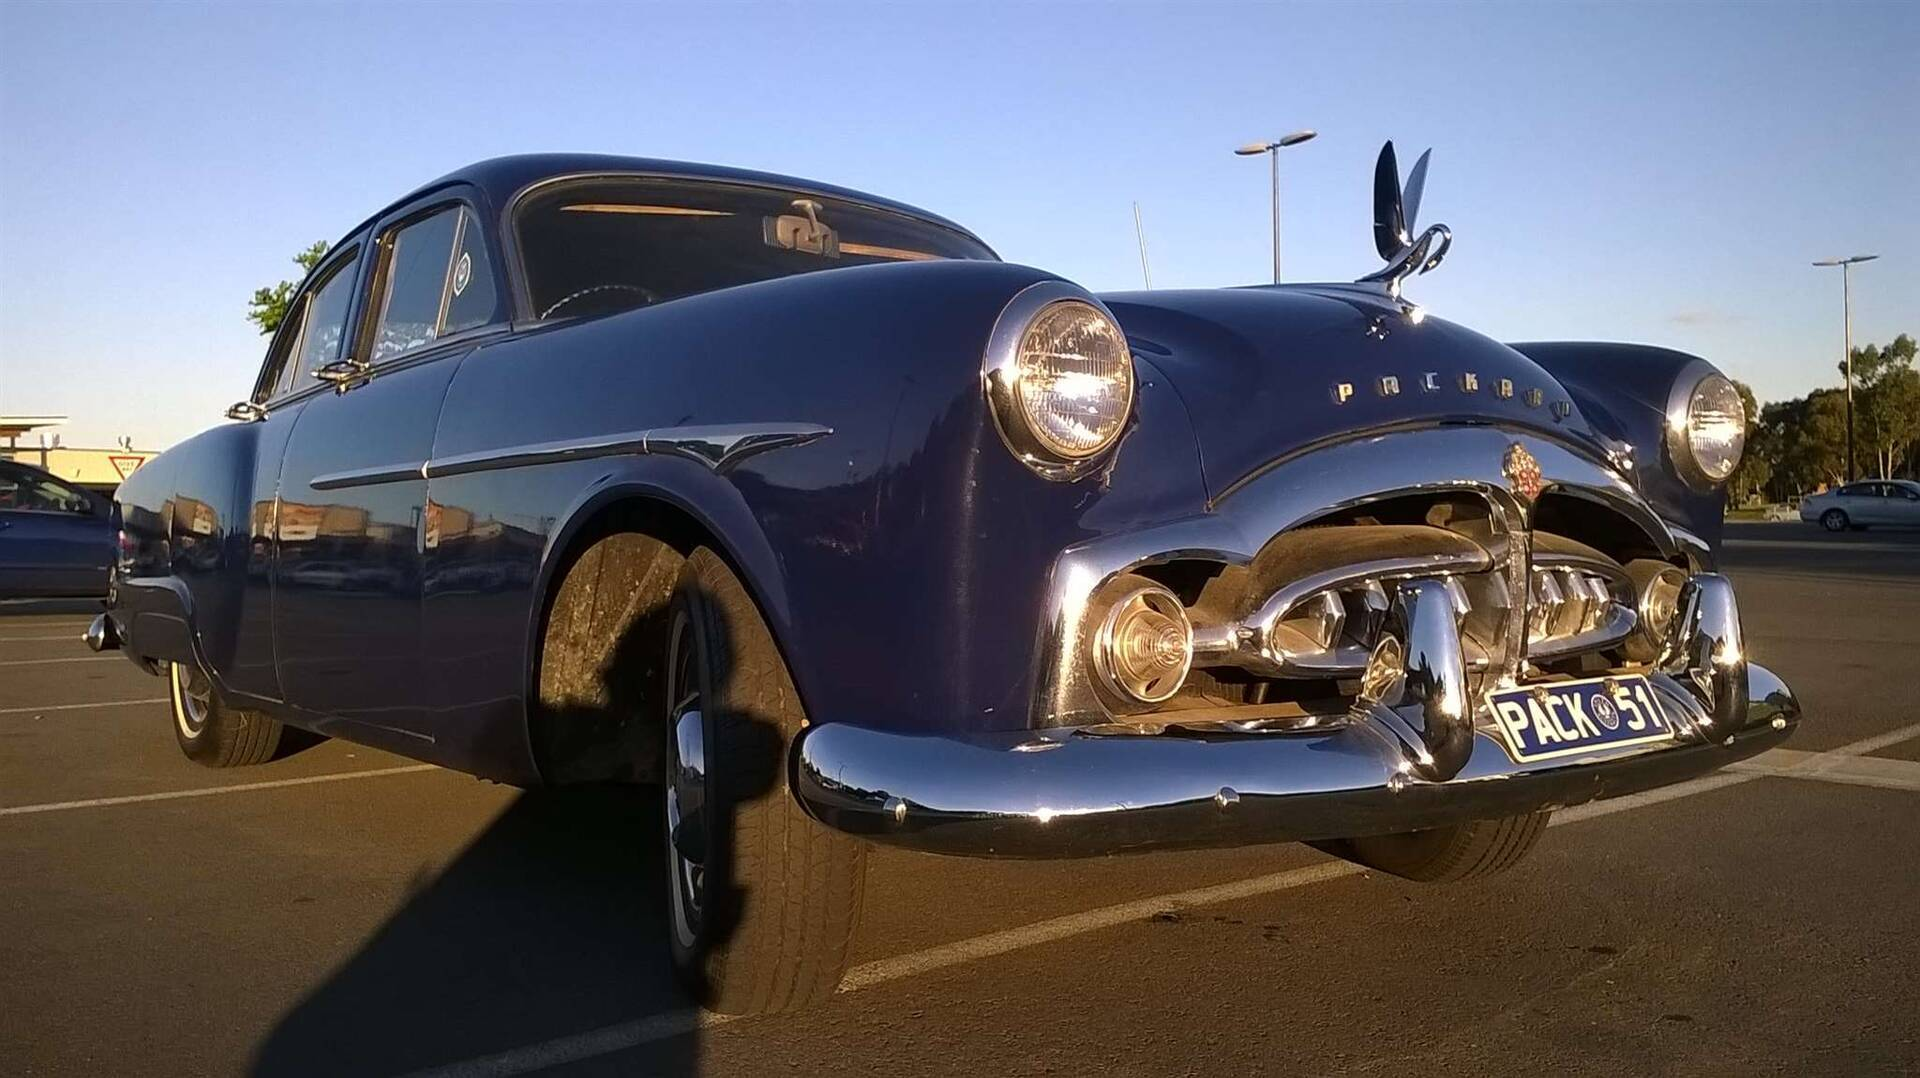 1951 Packard 200 Series Deluxe Touring Sedan